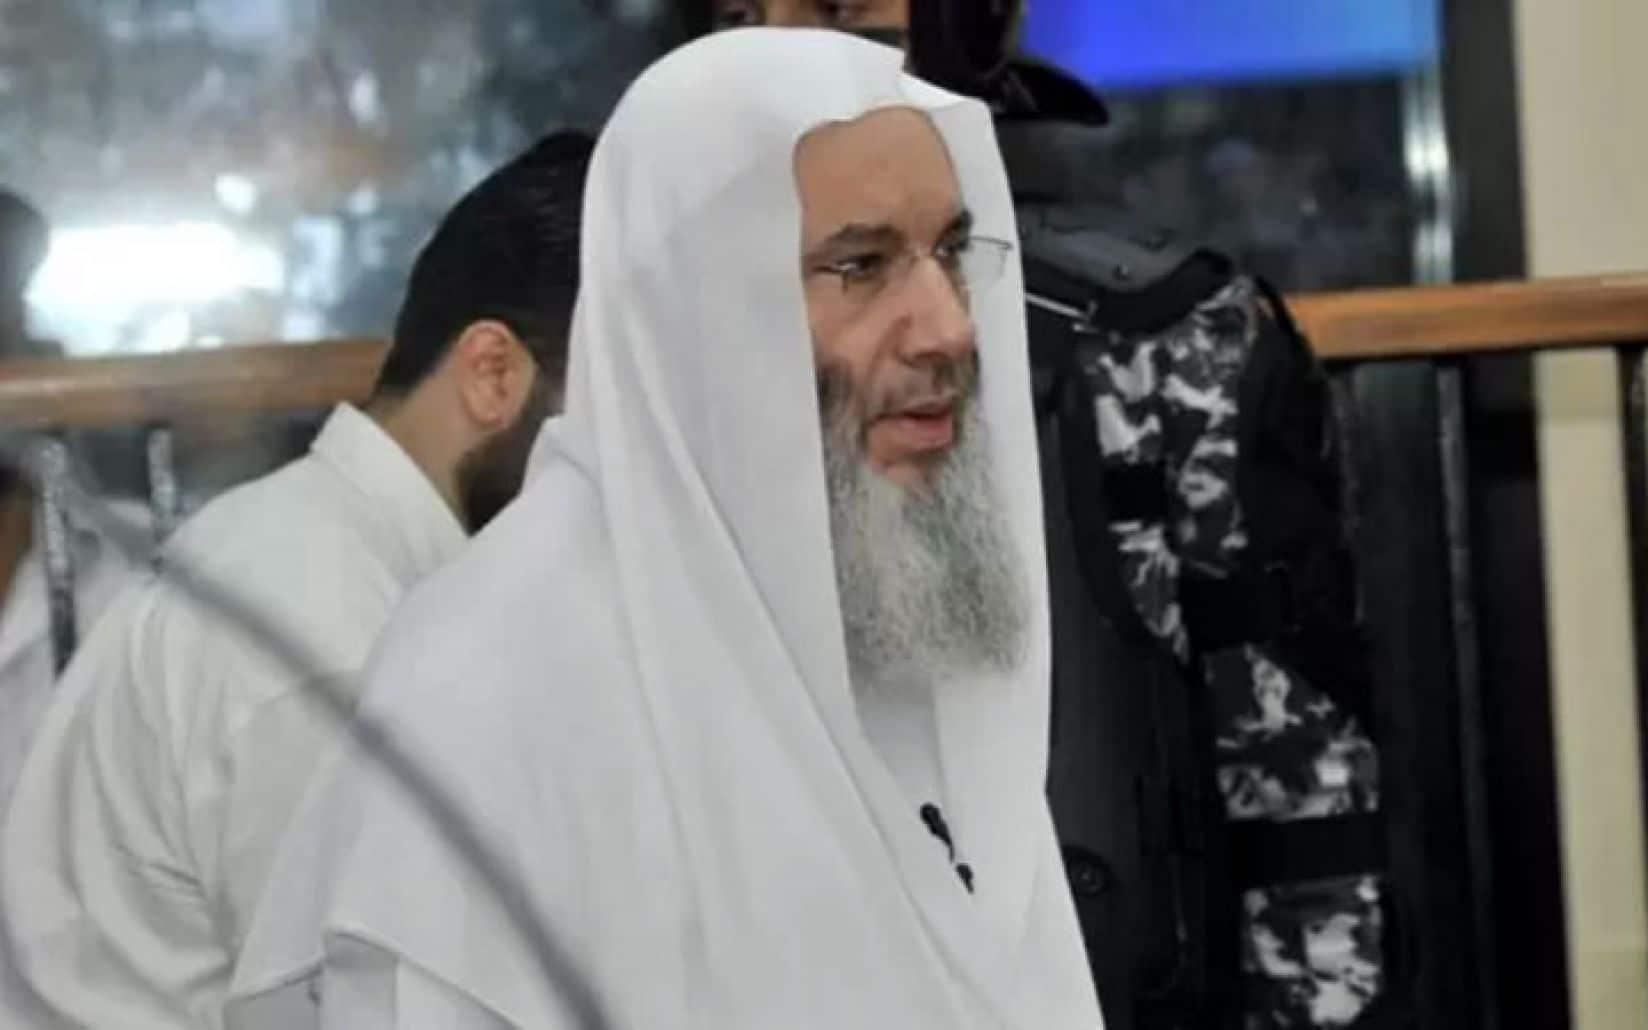 شهادة محمد حسان كاملة أمام المحكمة.. أثار الجدل وهذا ما قاله عن الإخوان وداعش (فيديو)